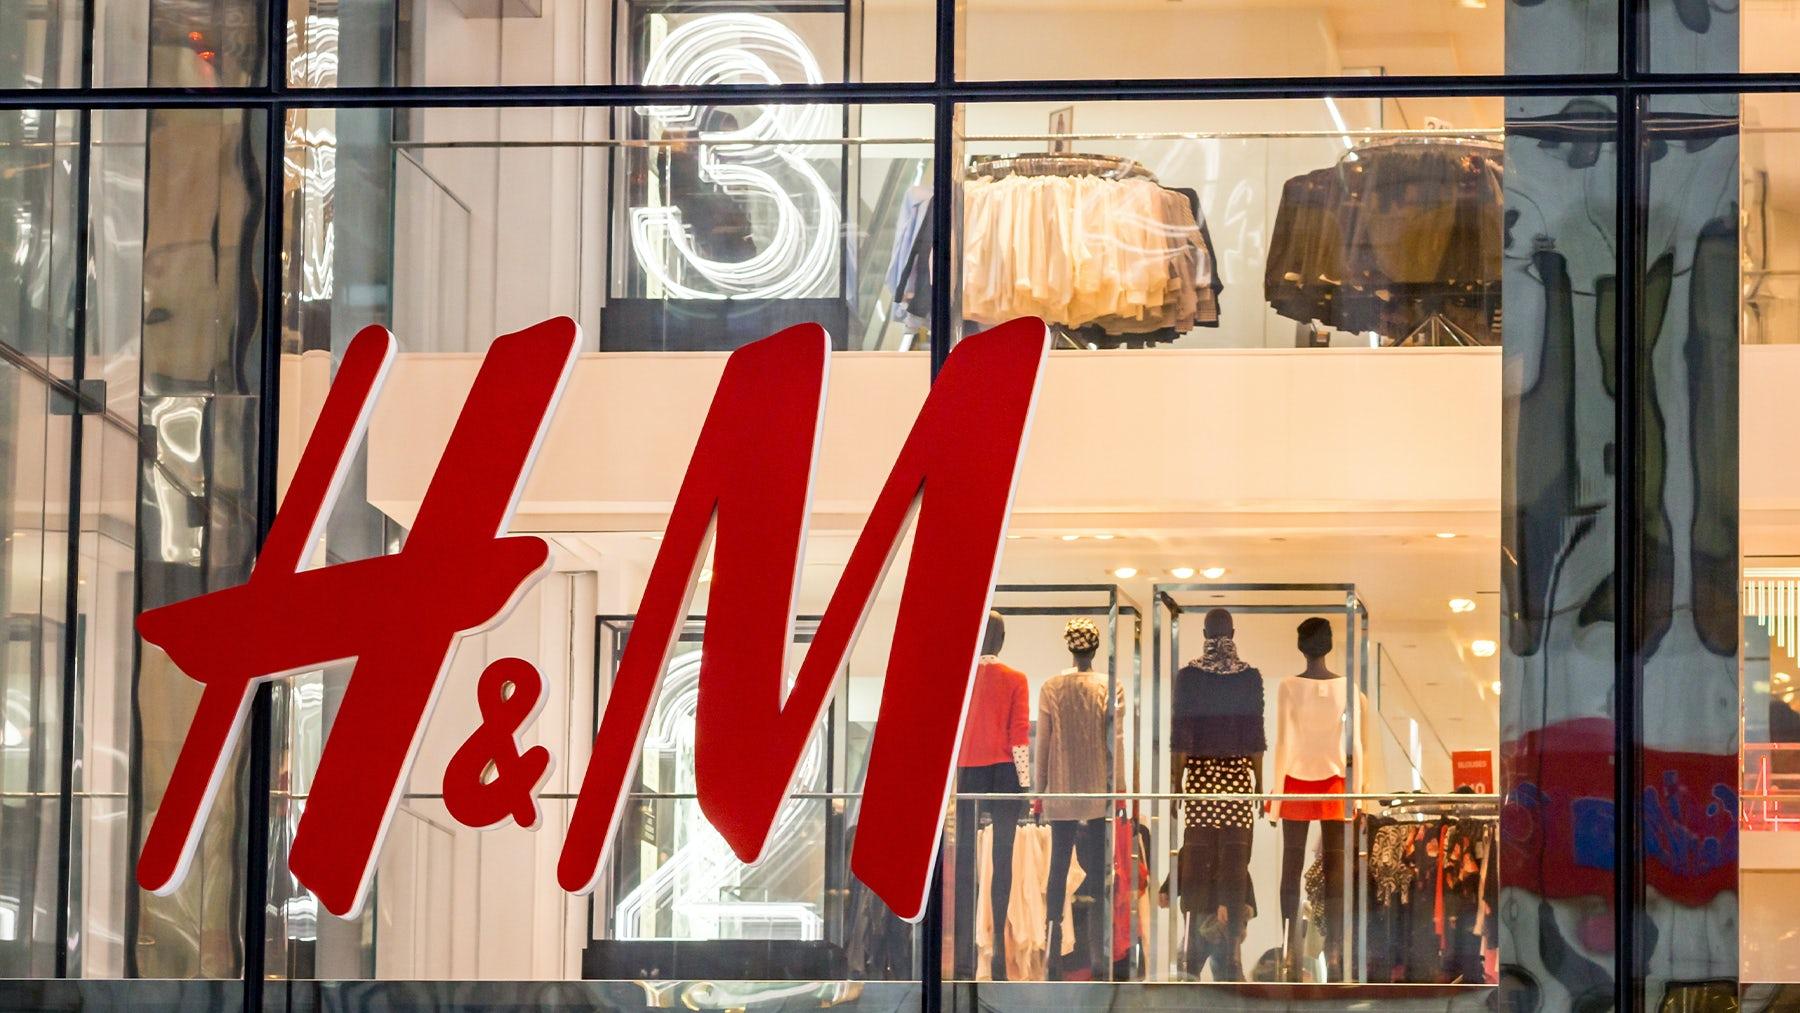 An H&M store in Manhattan, New York. Shutterstock.